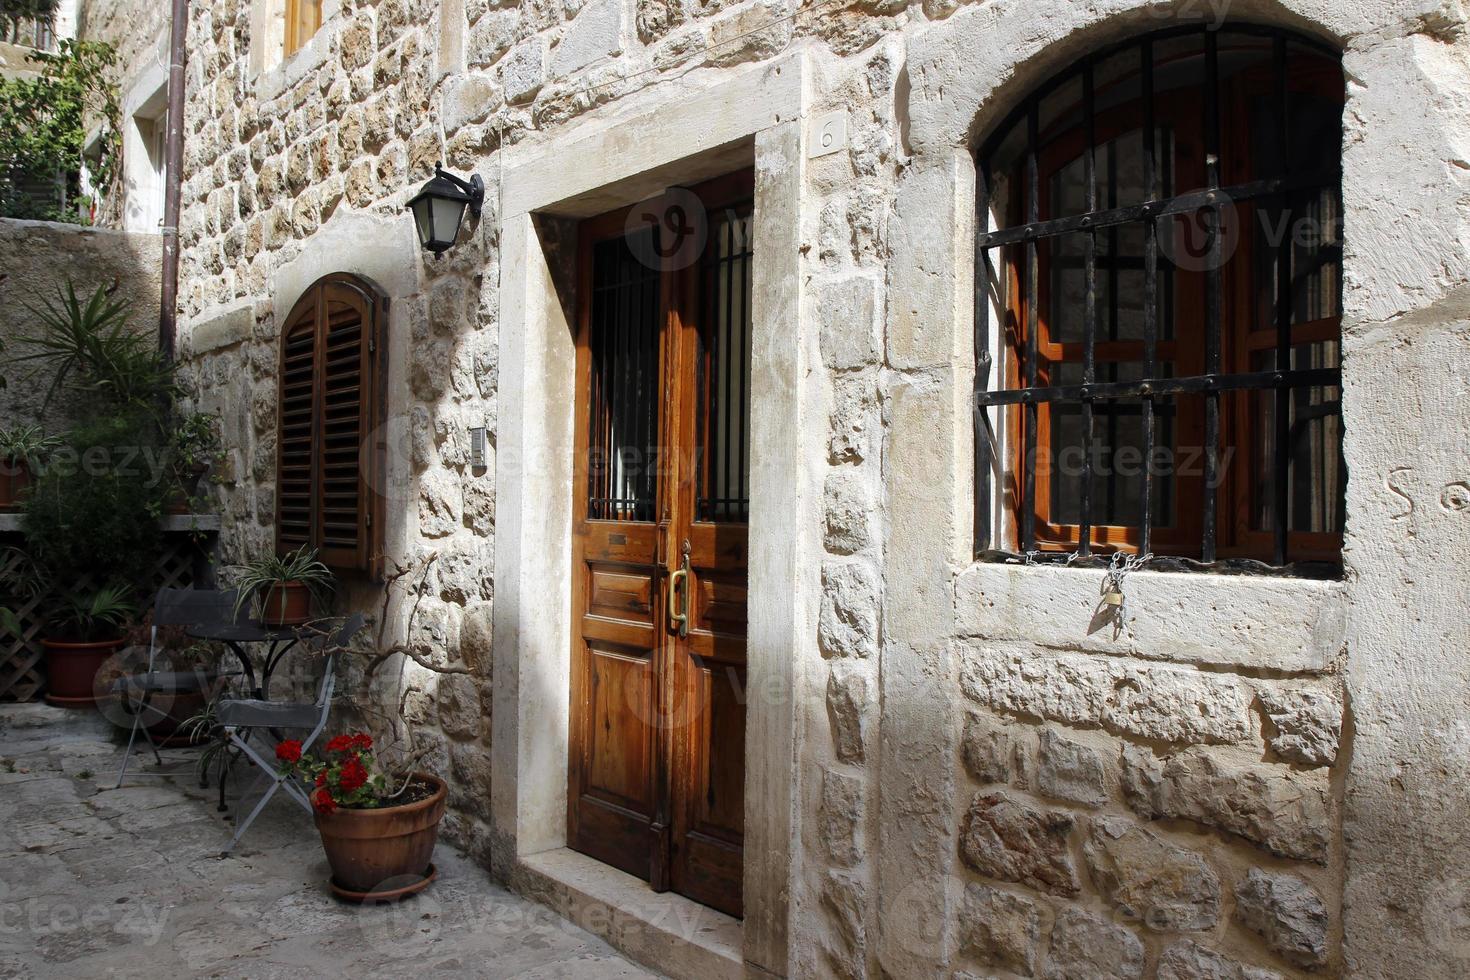 gata i den lilla staden Dubrovnik, Kroatien foto